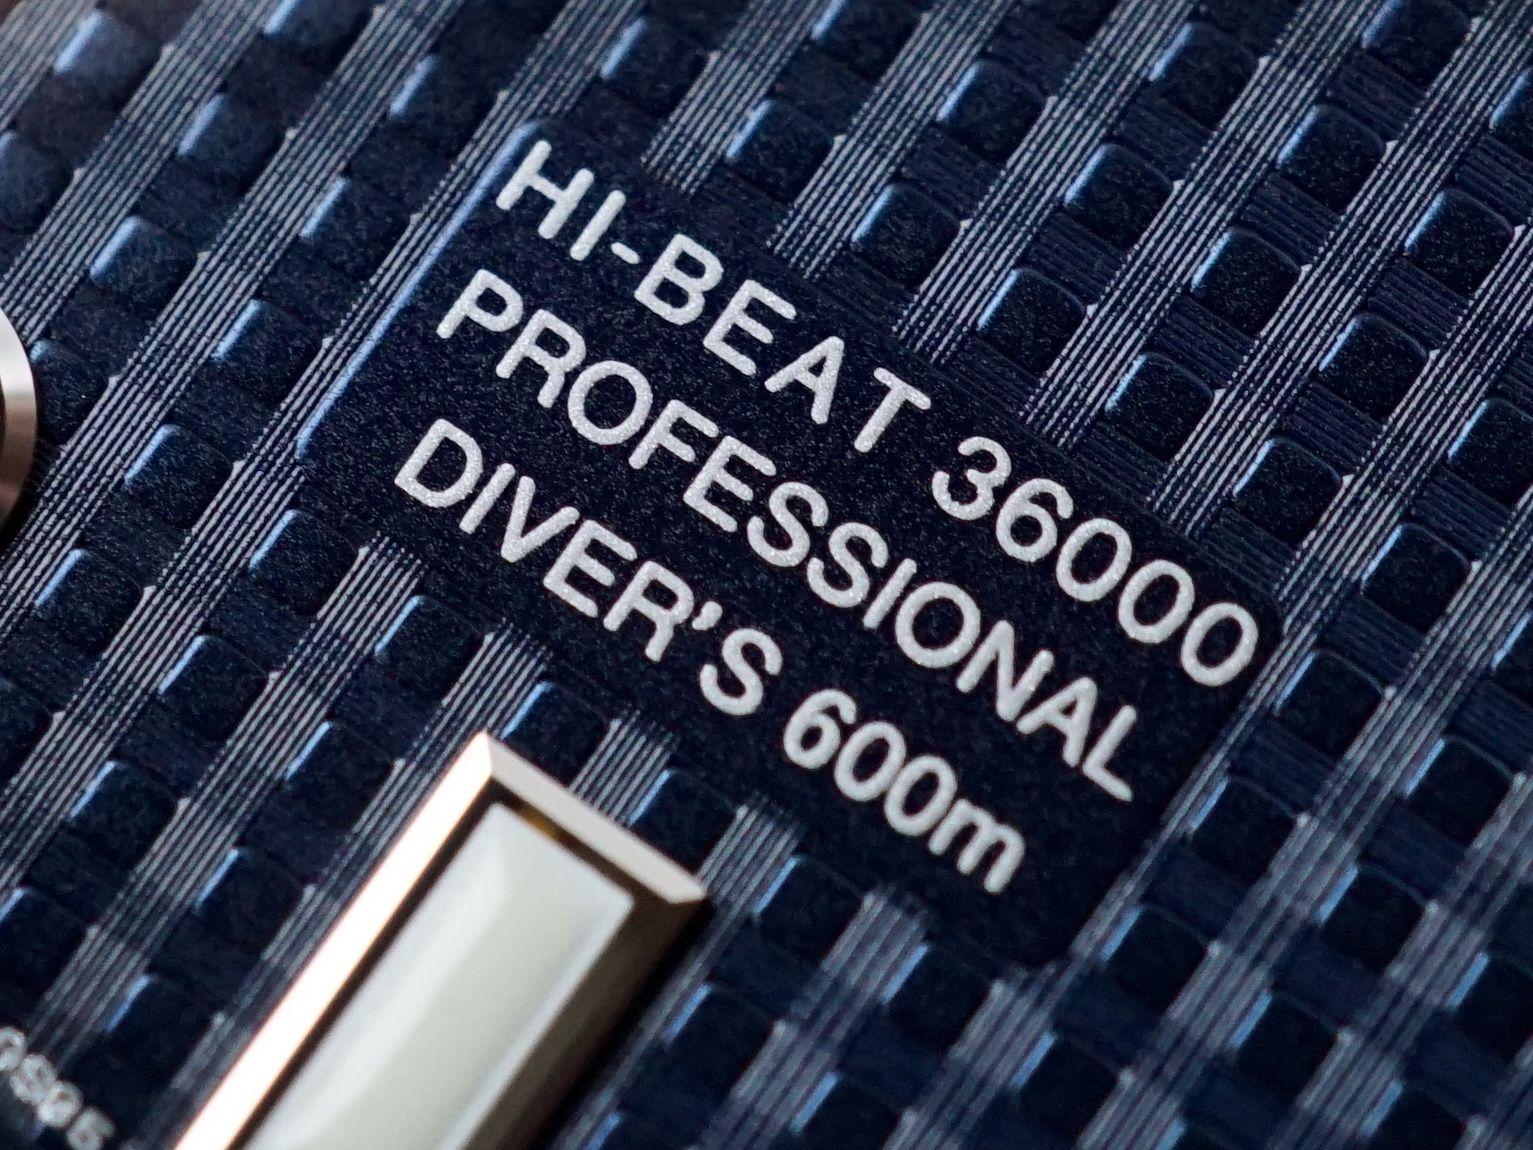 CA248B5E-ABA4-4060-83F3-221DB3AEF51E.jpeg